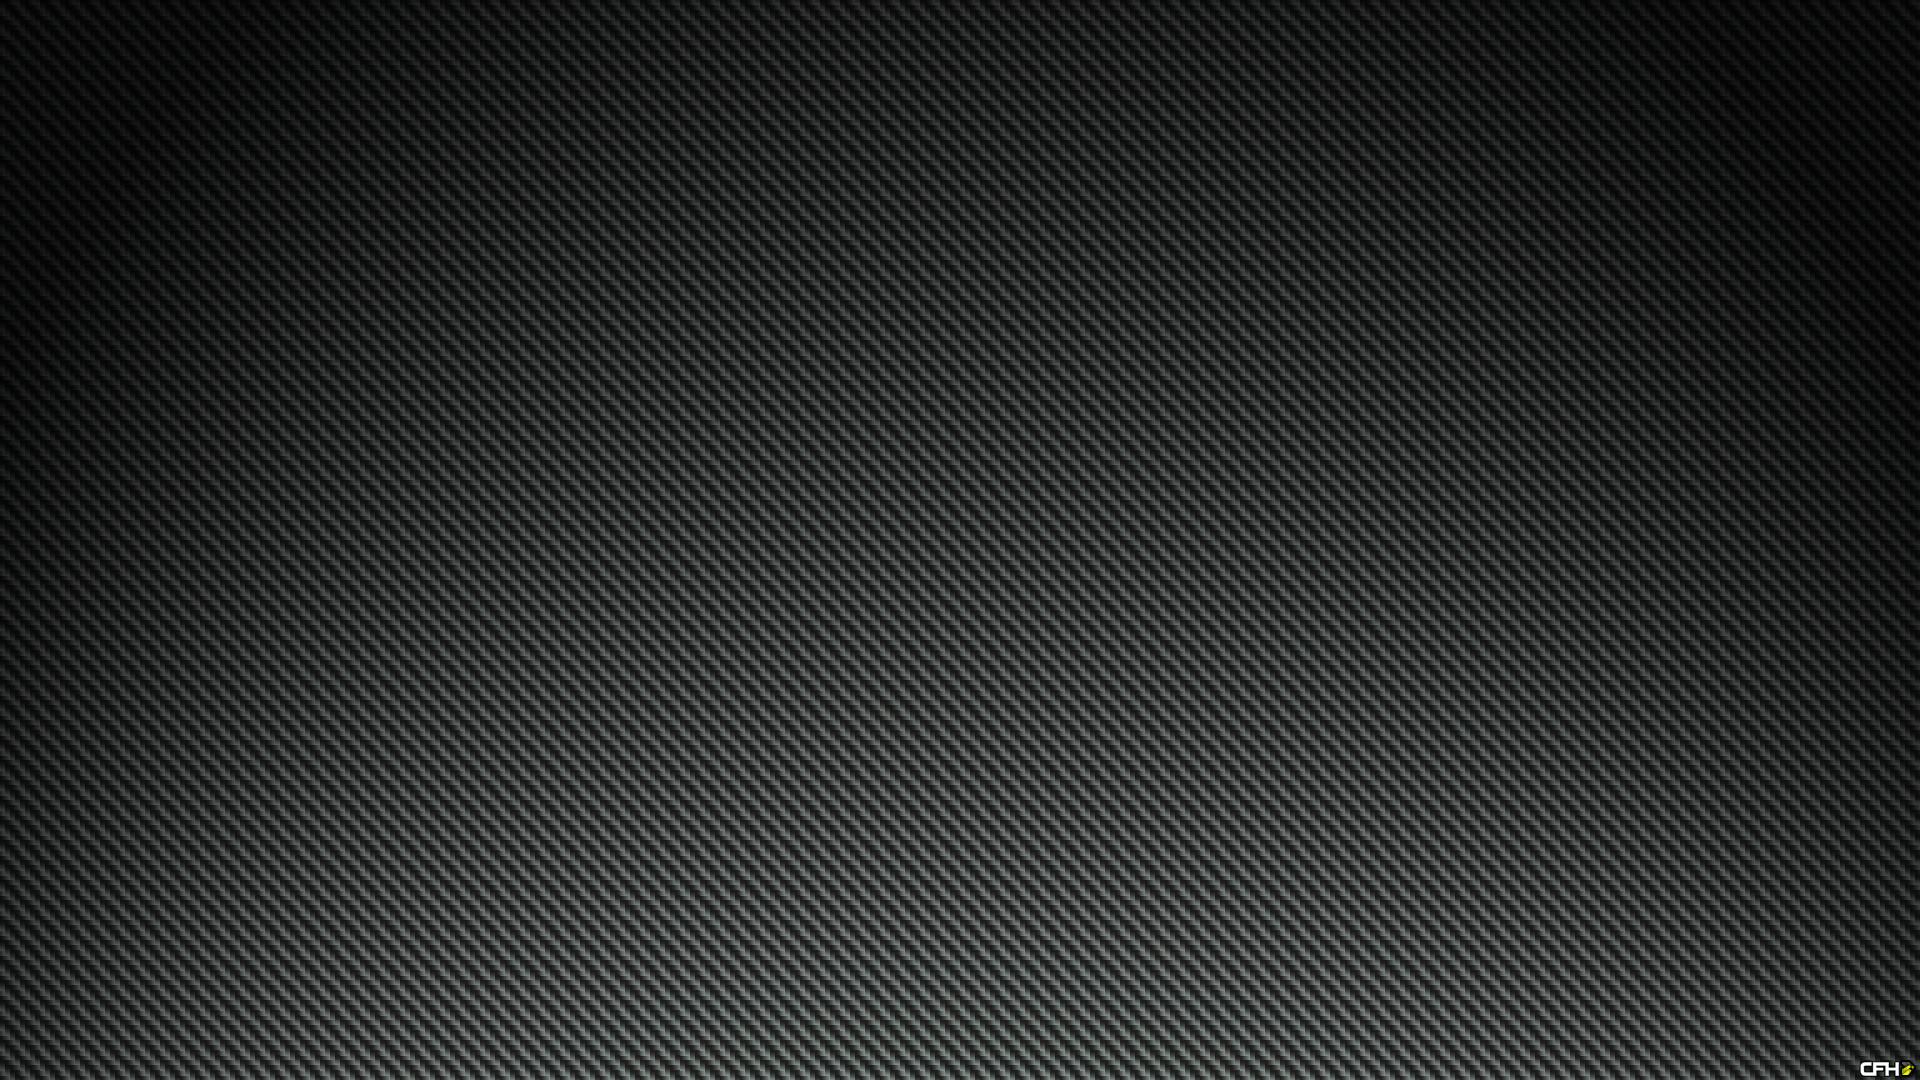 Carbon Fibre wallpaper – 1160697